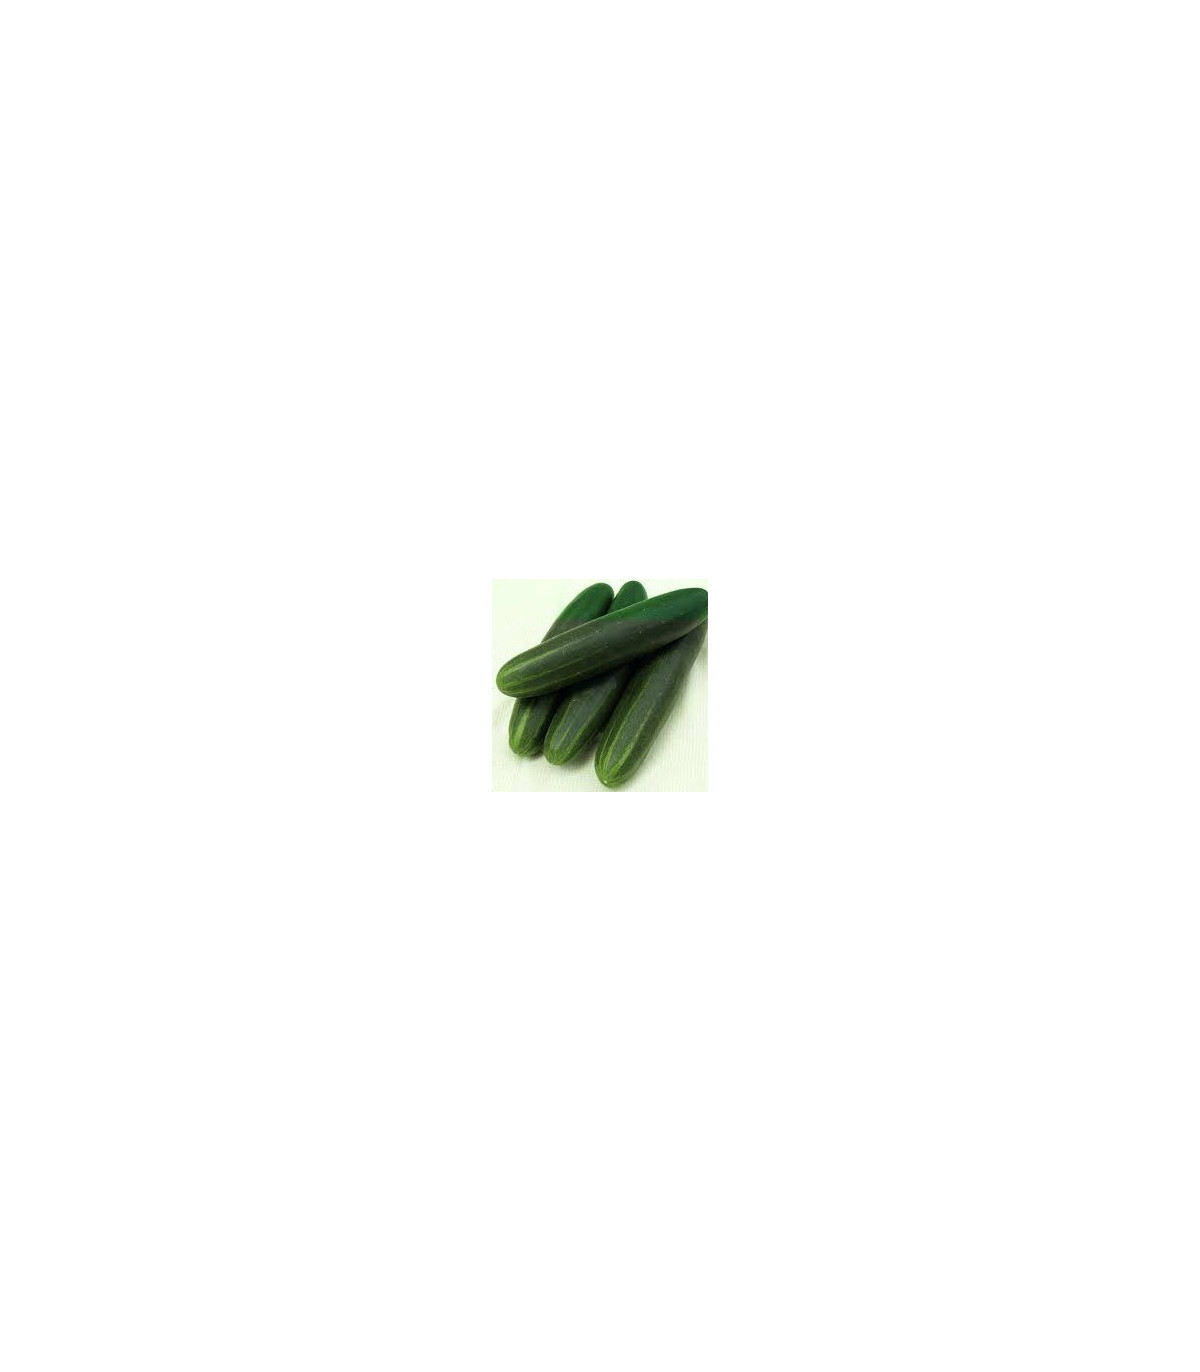 Uhorka Palladium F1 - BIO kvalita - uhorka siatá šalátová - semená uhorky - 4 ks